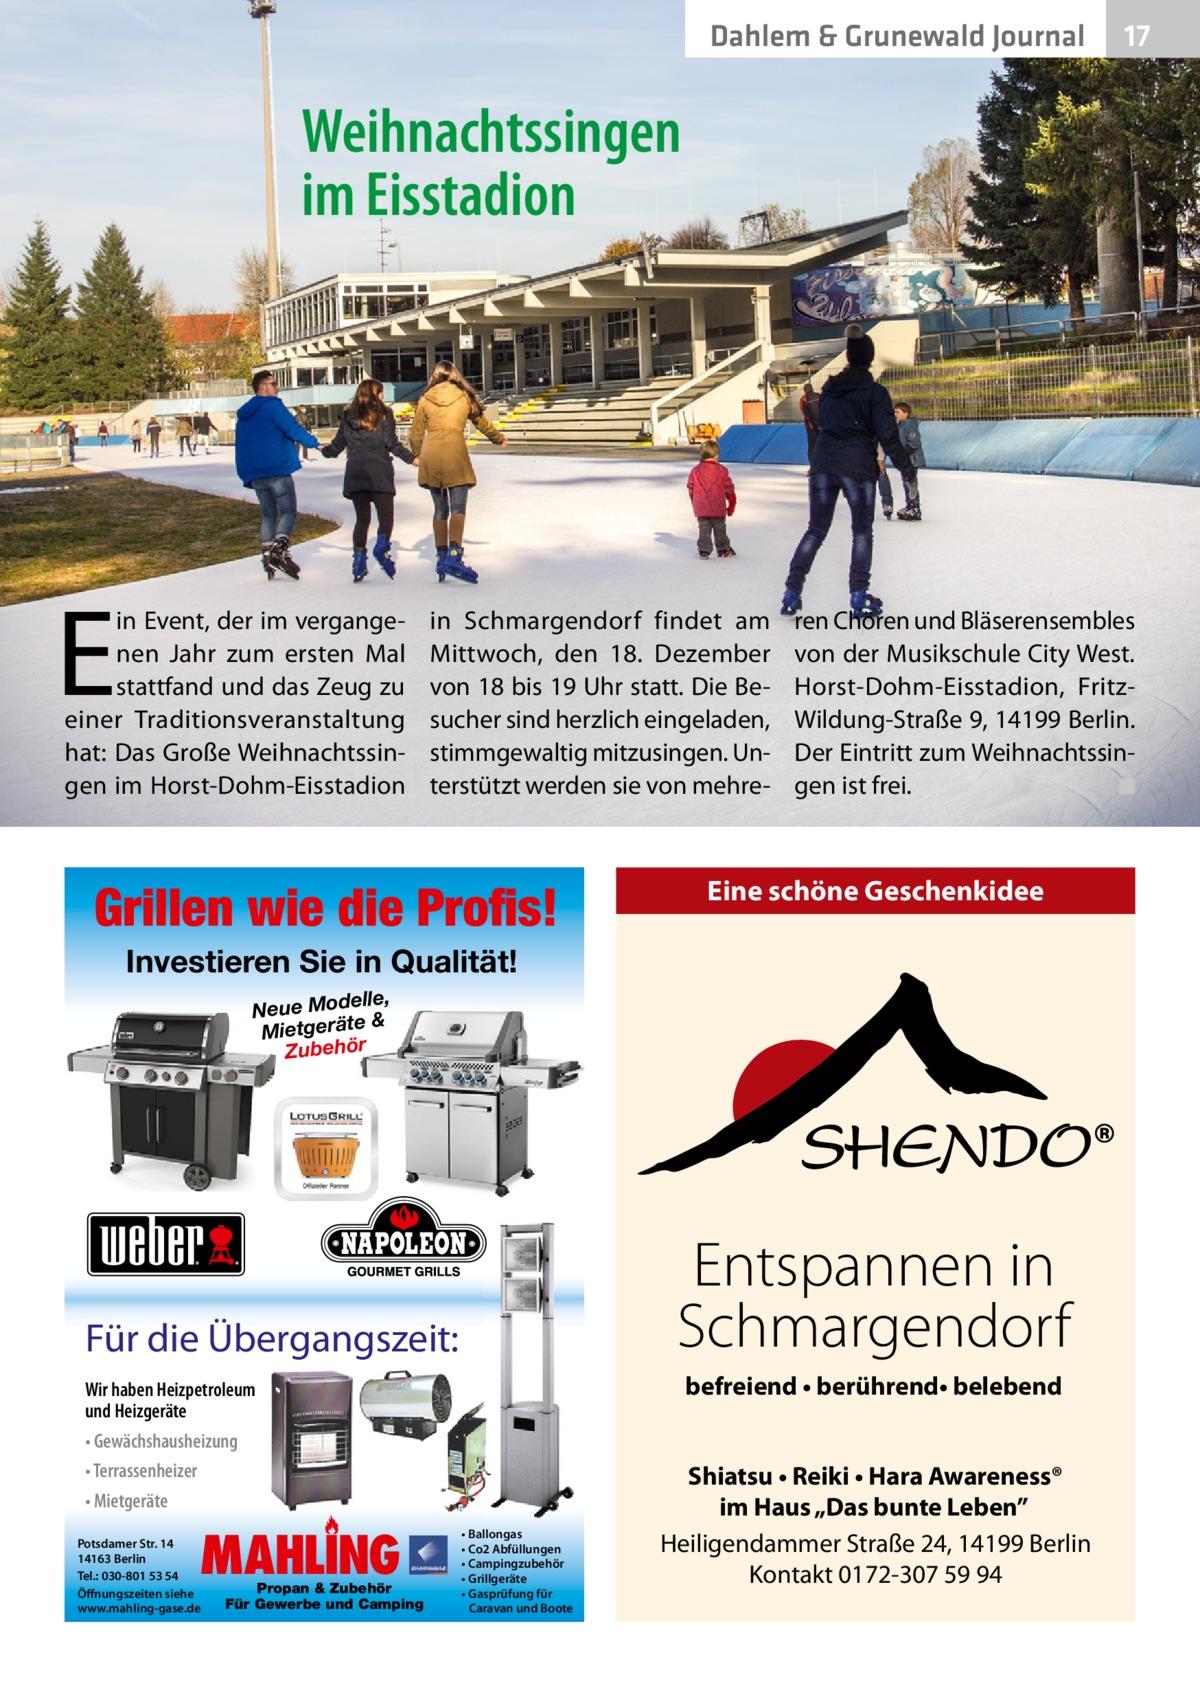 """Dahlem & Grunewald Journal  17 17  Weihnachtssingen im Eisstadion  E  in Event, der im vergangenen Jahr zum ersten Mal stattfand und das Zeug zu einer Traditionsveranstaltung hat: Das Große Weihnachtssingen im Horst-Dohm-Eisstadion  in Schmargendorf findet am Mittwoch, den 18. Dezember von 18 bis 19Uhr statt. Die Besucher sind herzlich eingeladen, stimmgewaltig mitzusingen. Unterstützt werden sie von mehre Grillen wie die Profis!  ren Chören und Bläserensembles von der Musikschule City West. Horst-Dohm-Eisstadion, FritzWildung-Straße9, 14199Berlin. Der Eintritt zum Weihnachtssingen ist frei. � ◾  Eine schöne Geschenkidee  Investieren Sie in Qualität! elle, Neue Mod & Mietgeräte Zubehör  Entspannen in Schmargendorf  Für die Übergangszeit:  befreiend • berührend• belebend  Wir haben Heizpetroleum und Heizgeräte • Gewächshausheizung • Terrassenheizer • Mietgeräte  MAHLING  Potsdamer Str. 14 14163 Berlin Tel.: 030-801 53 54 Öffnungszeiten siehe www.mahling-gase.de  Propan & Zubehör Für Gewerbe und Camping  • Ballongas • Co2 Abfüllungen • Campingzubehör • Grillgeräte • Gasprüfung für Caravan und Boote  Shiatsu • Reiki • Hara Awareness® im Haus """"Das bunte Leben"""" Heiligendammer Straße 24, 14199 Berlin Kontakt 0172-307 59 94"""